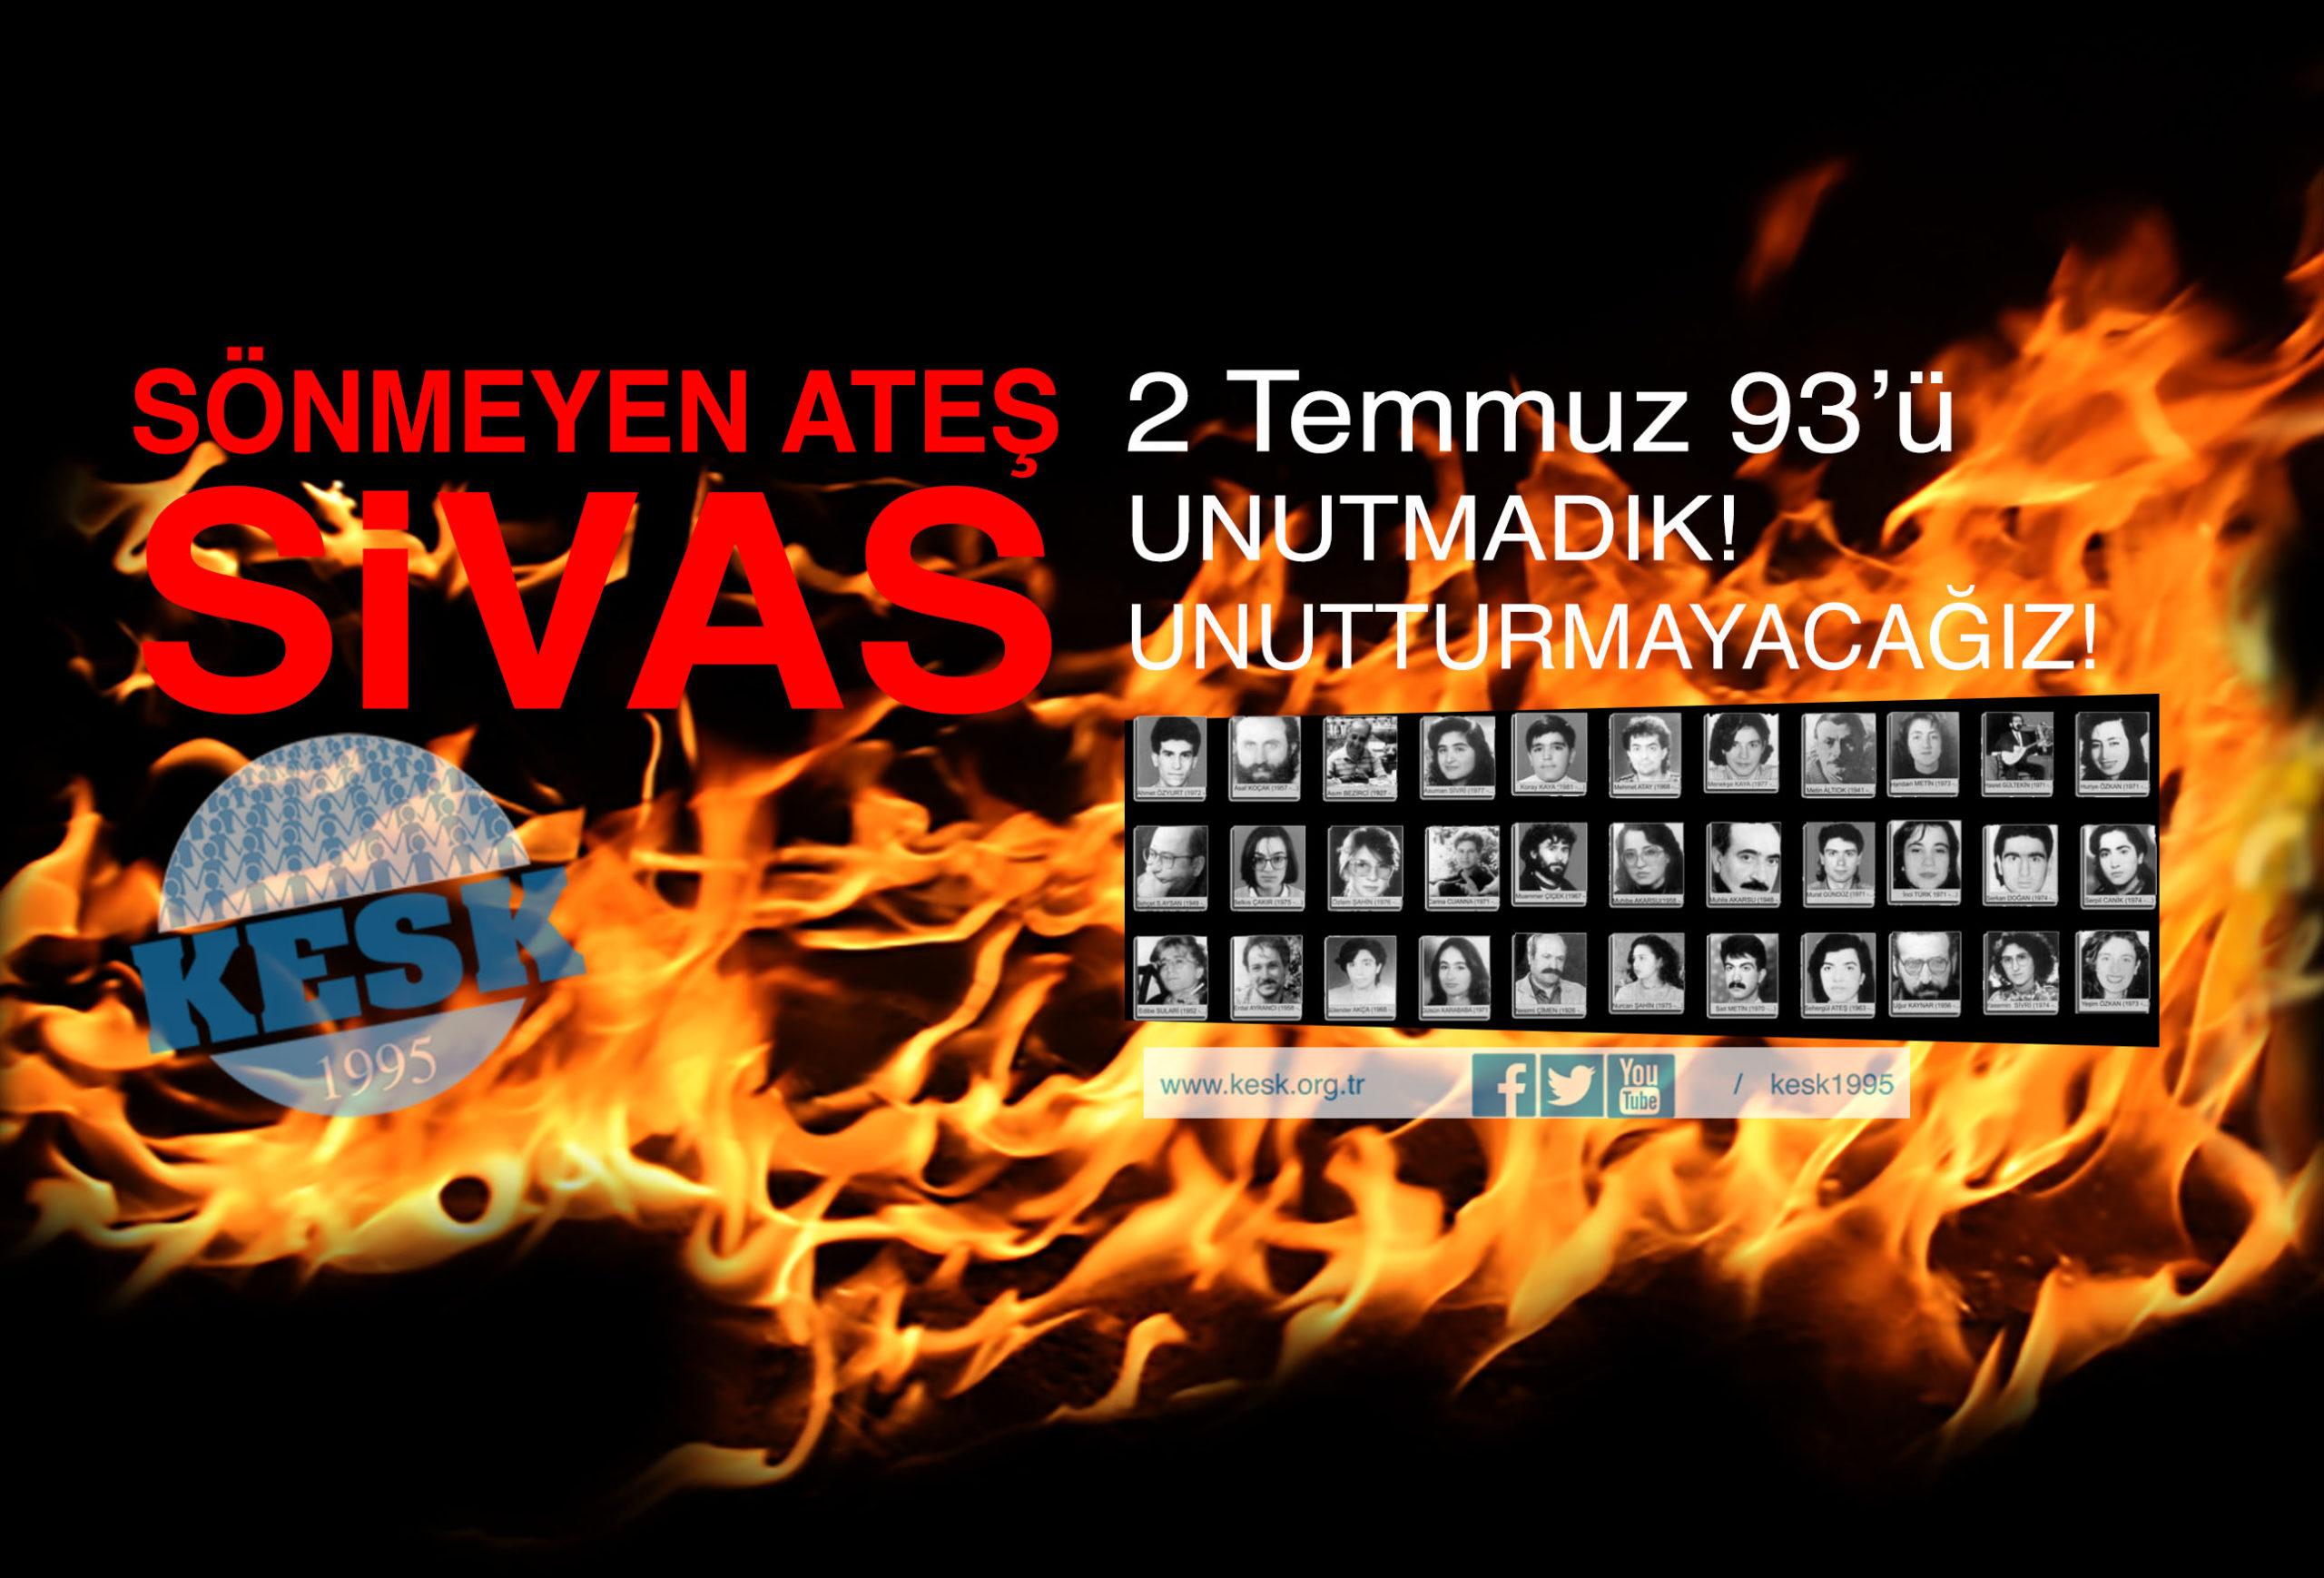 Sivas Katliamını Unutmadık, Unutmayacağız! Katliamların Hesabını Barışın, Kardeşliğin, Emeğin Ülkesini Kurarak Soracağız!